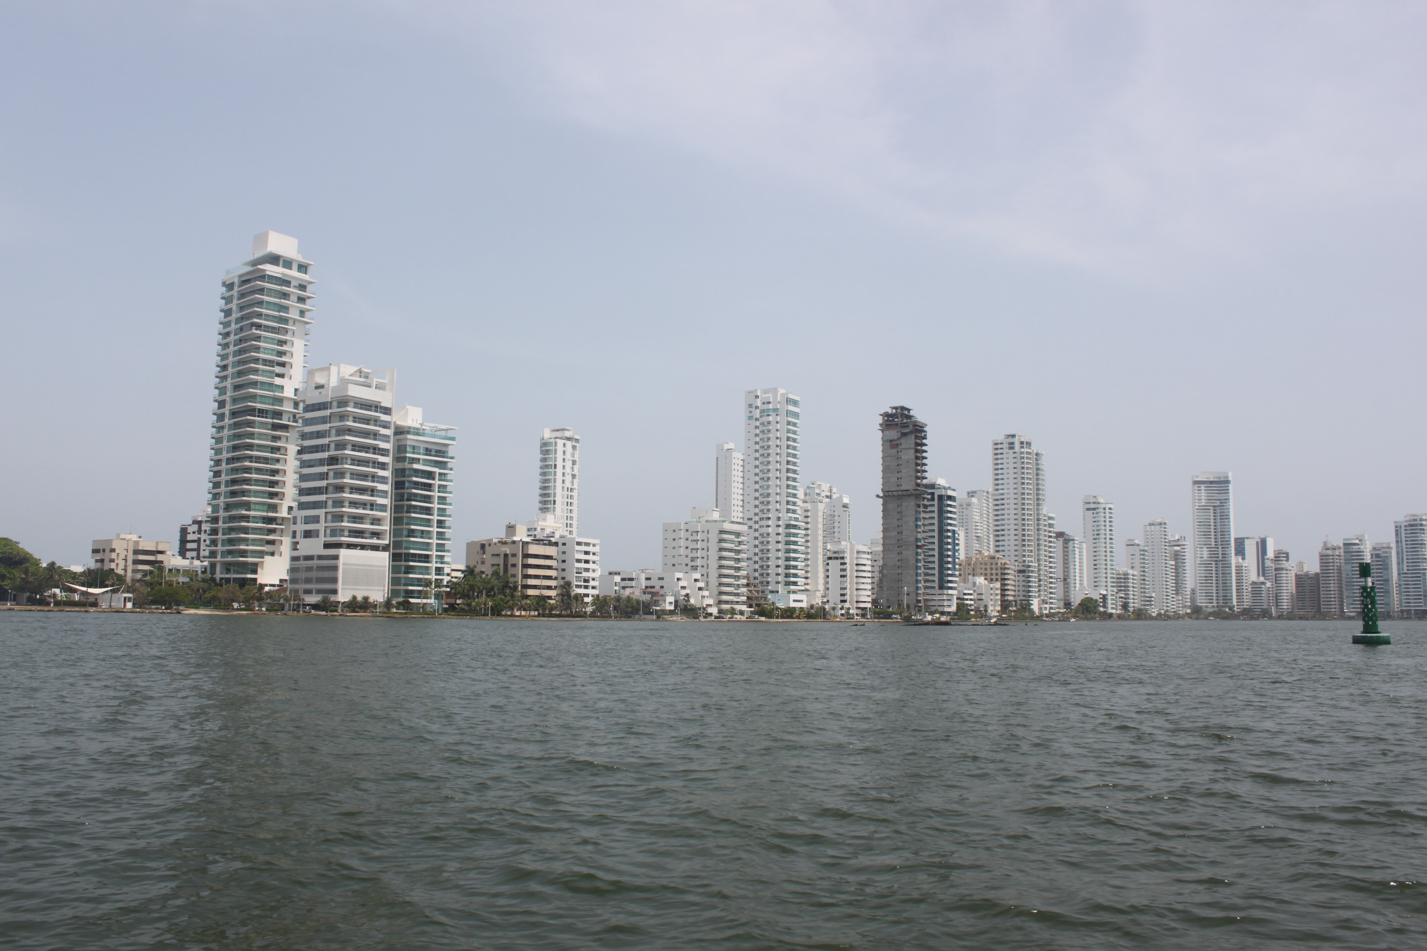 Dieser Ausblick war ähnlich imposant wie in Panama City.